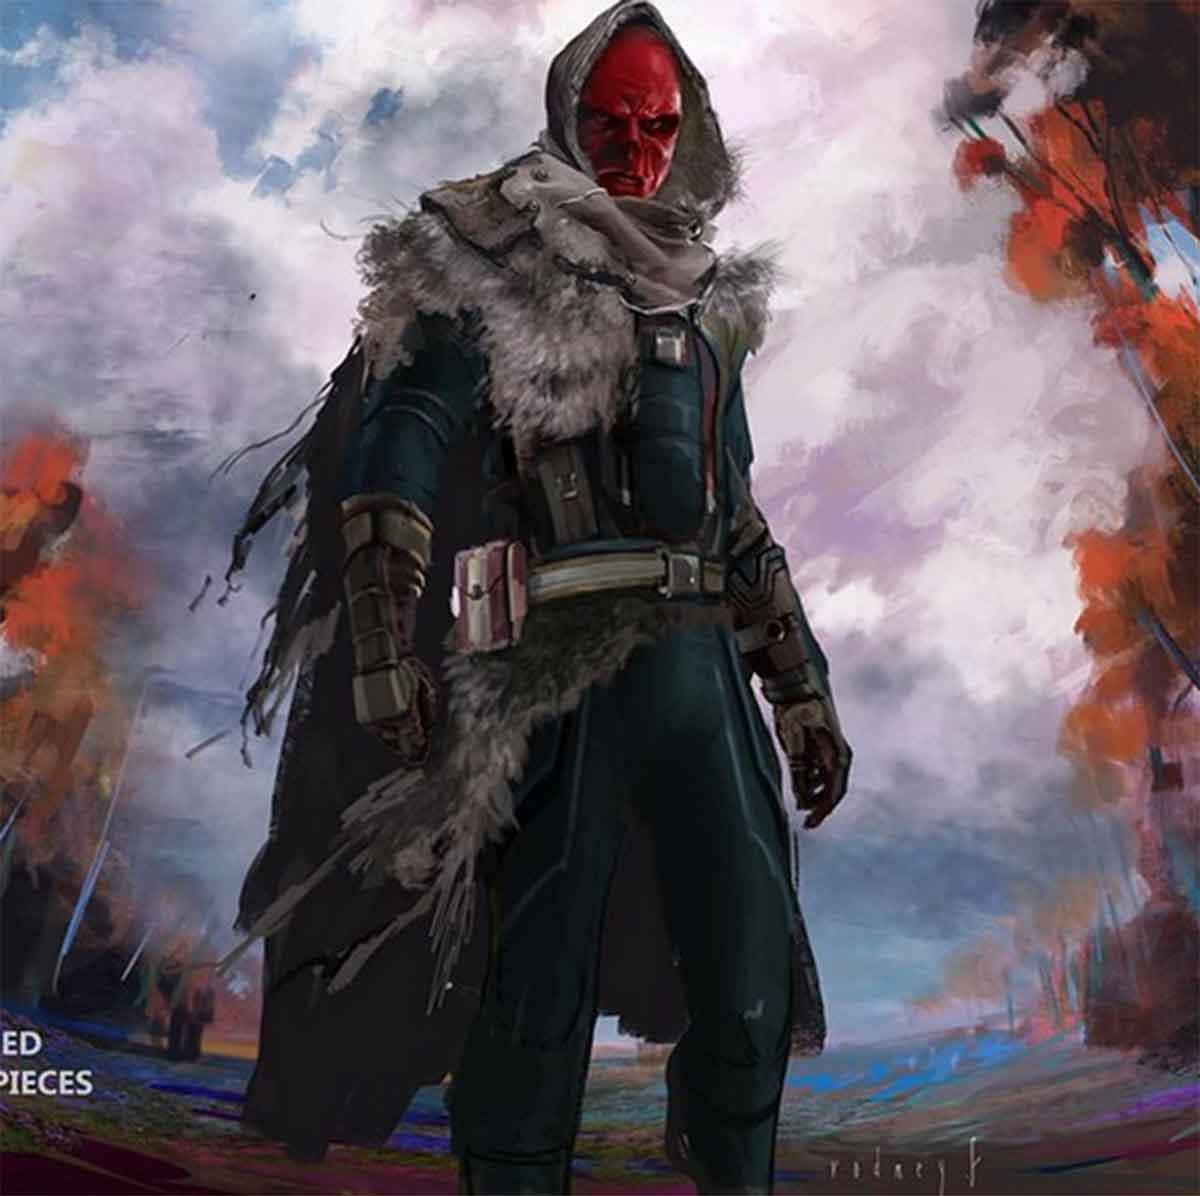 Diseño alternativo de Cráneo Rojo en Vengadores: Infinity War